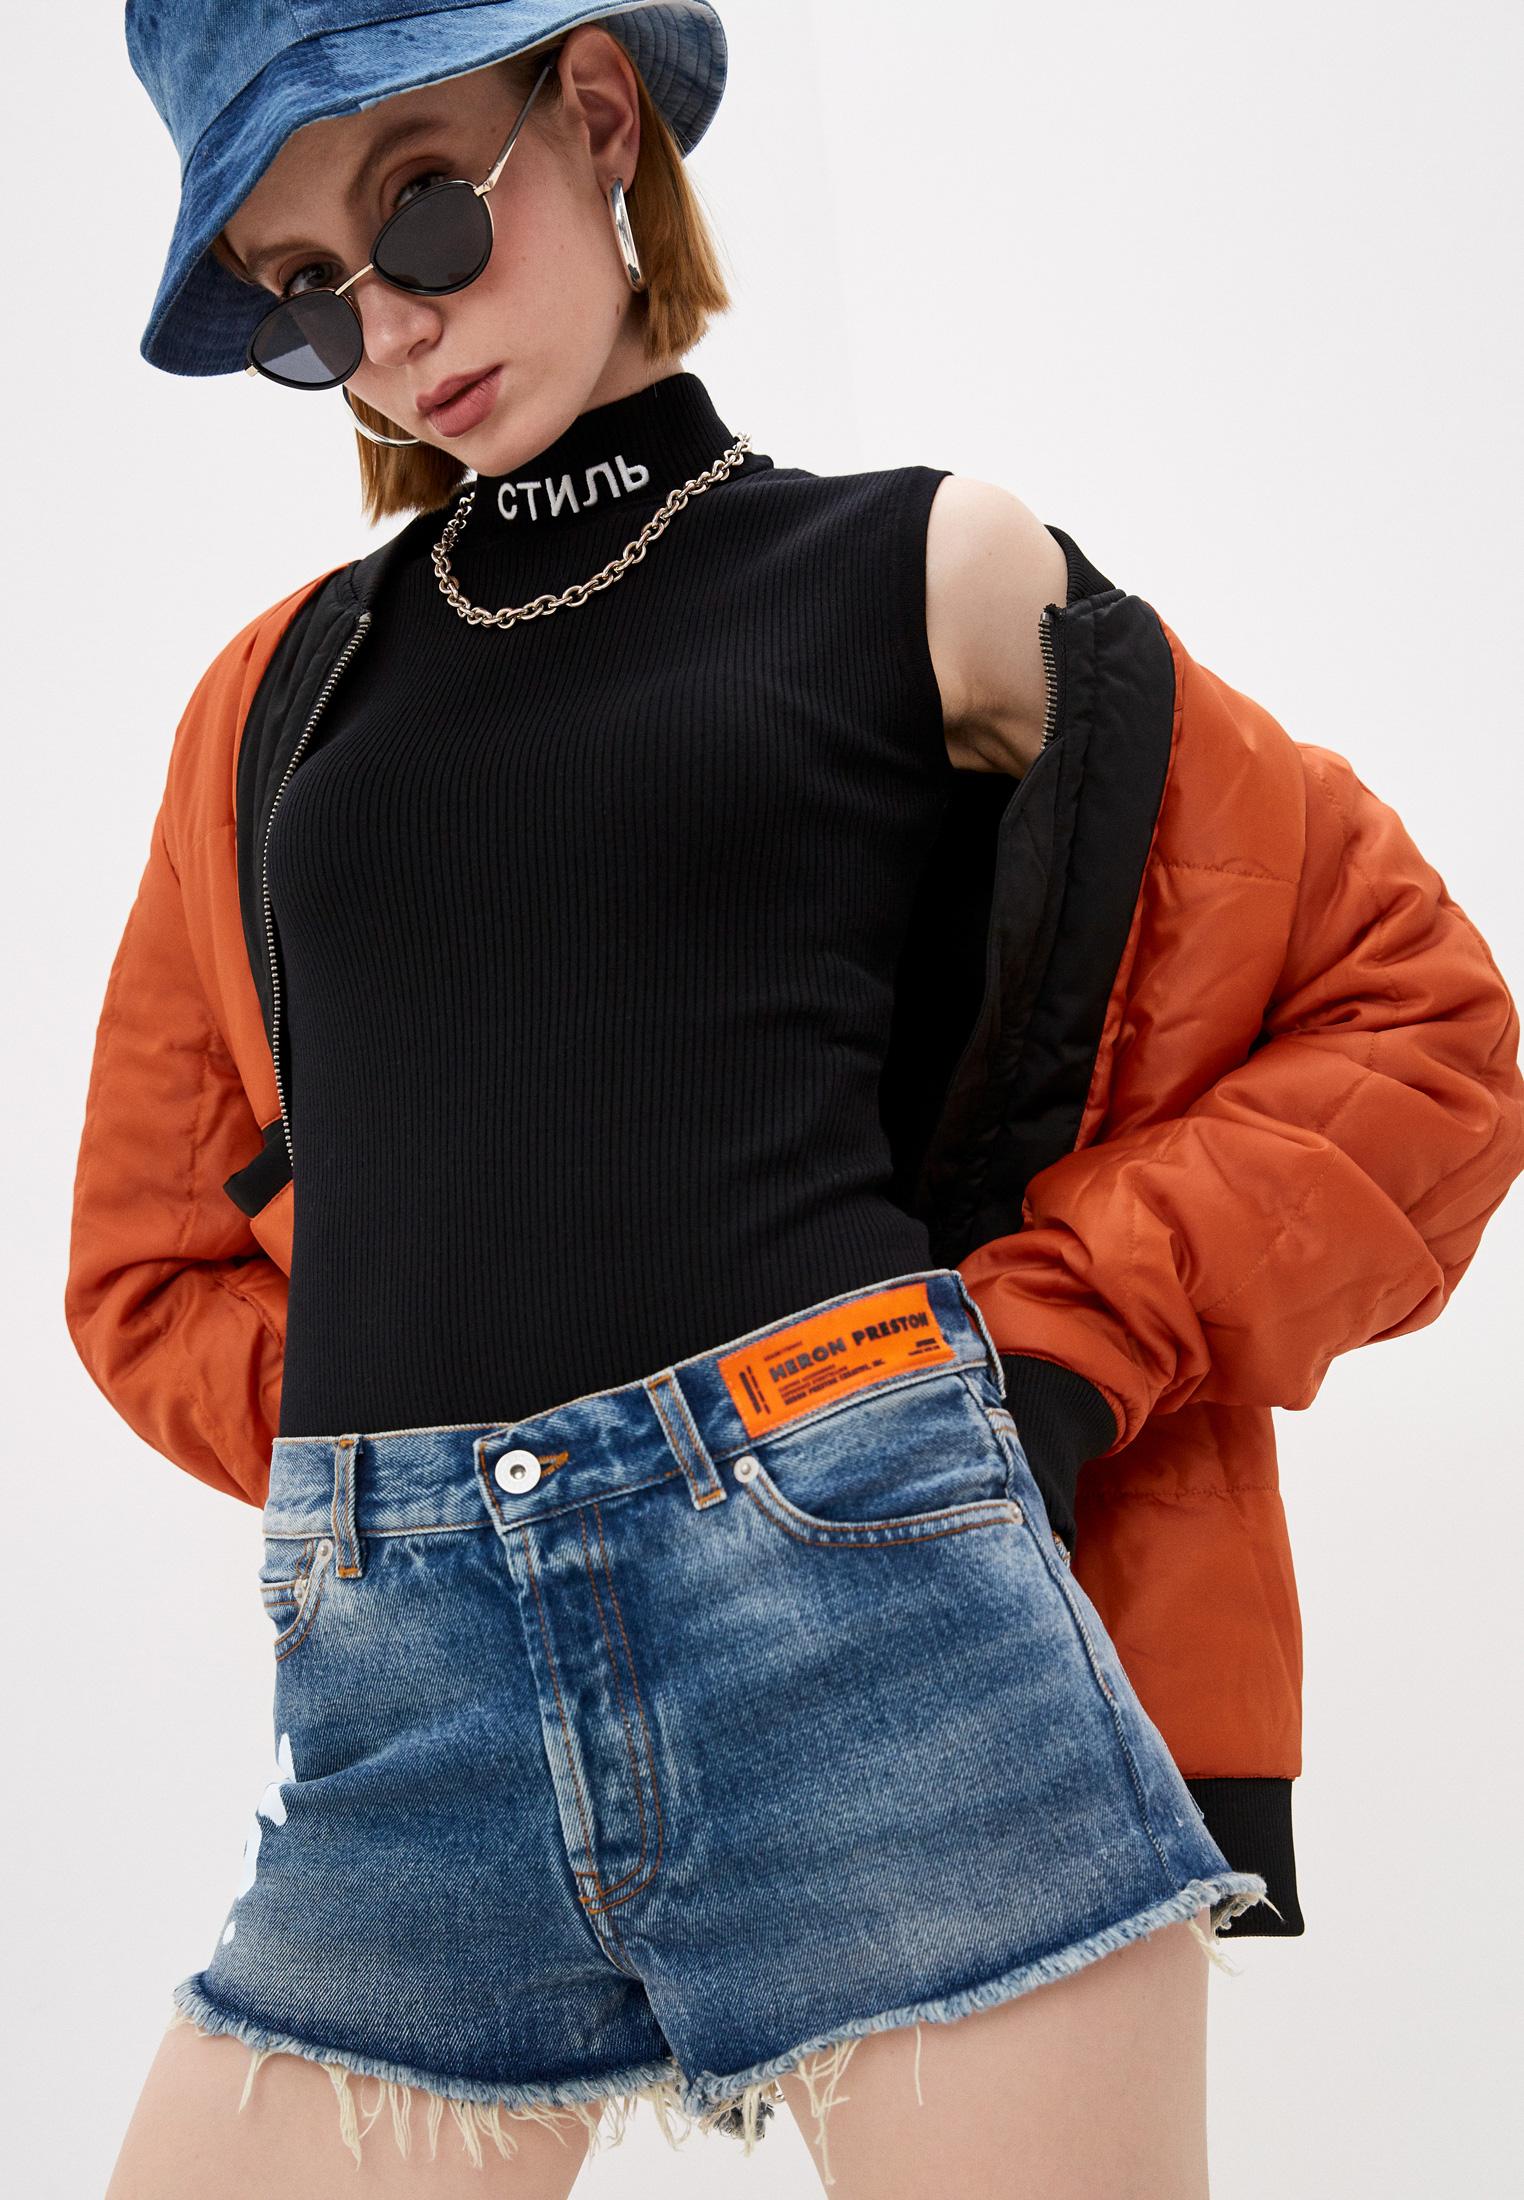 Женские джинсовые шорты HERON PRESTON Шорты джинсовые Heron Preston